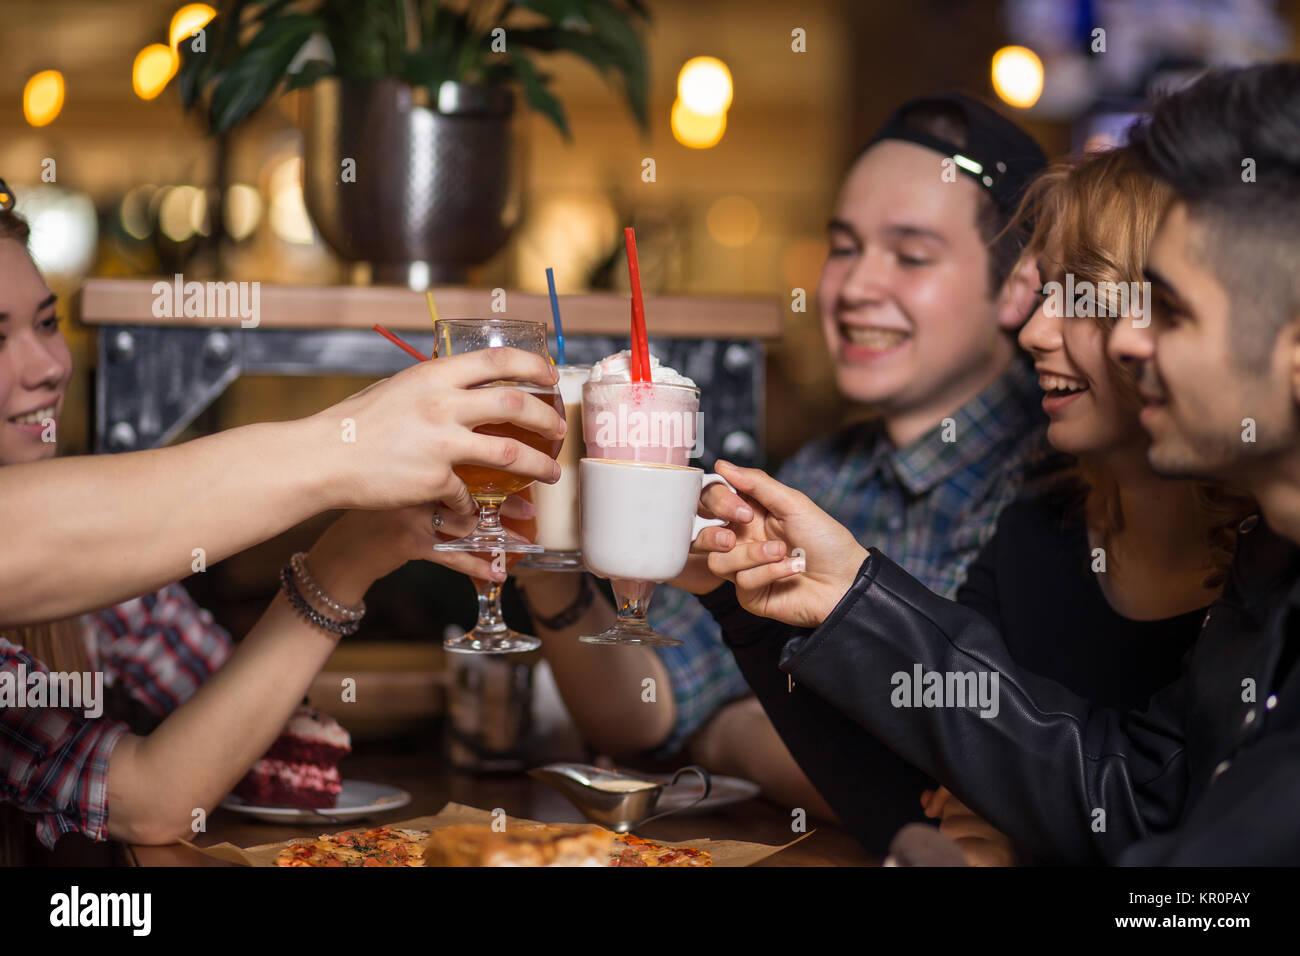 Persone incontro cordiale amicizia Coffee Shop Concept Immagini Stock